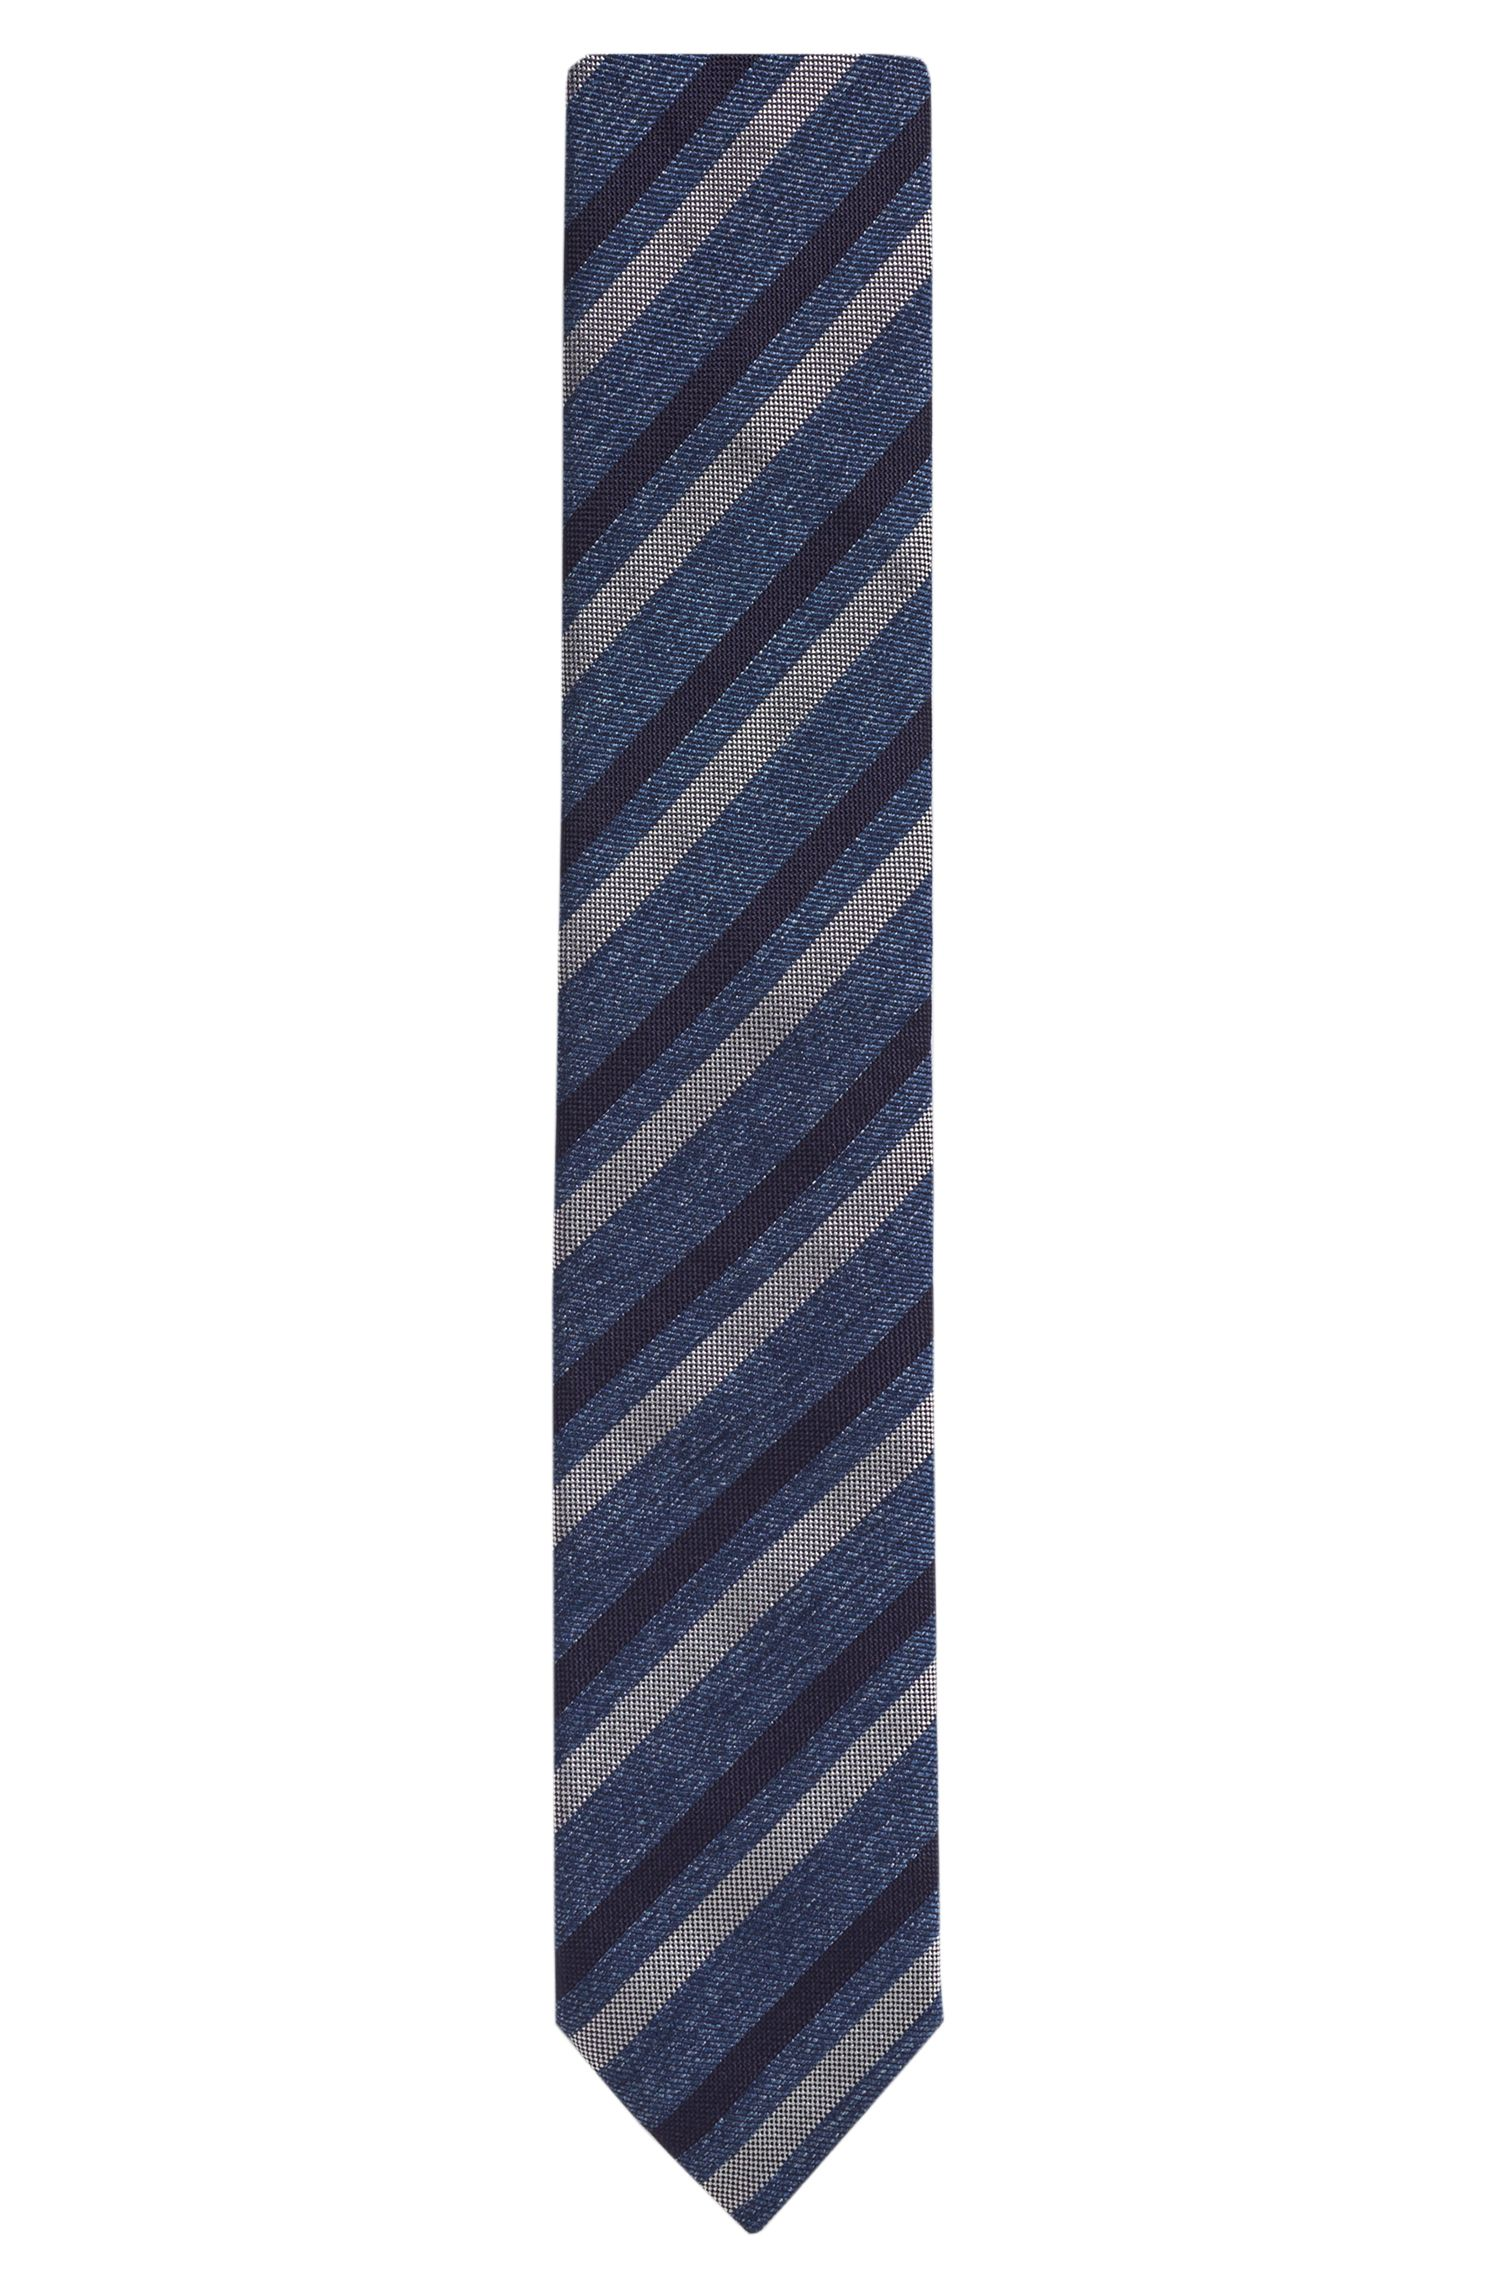 'Tie 6 cm' | Slim, Italian Silk Woven Tie